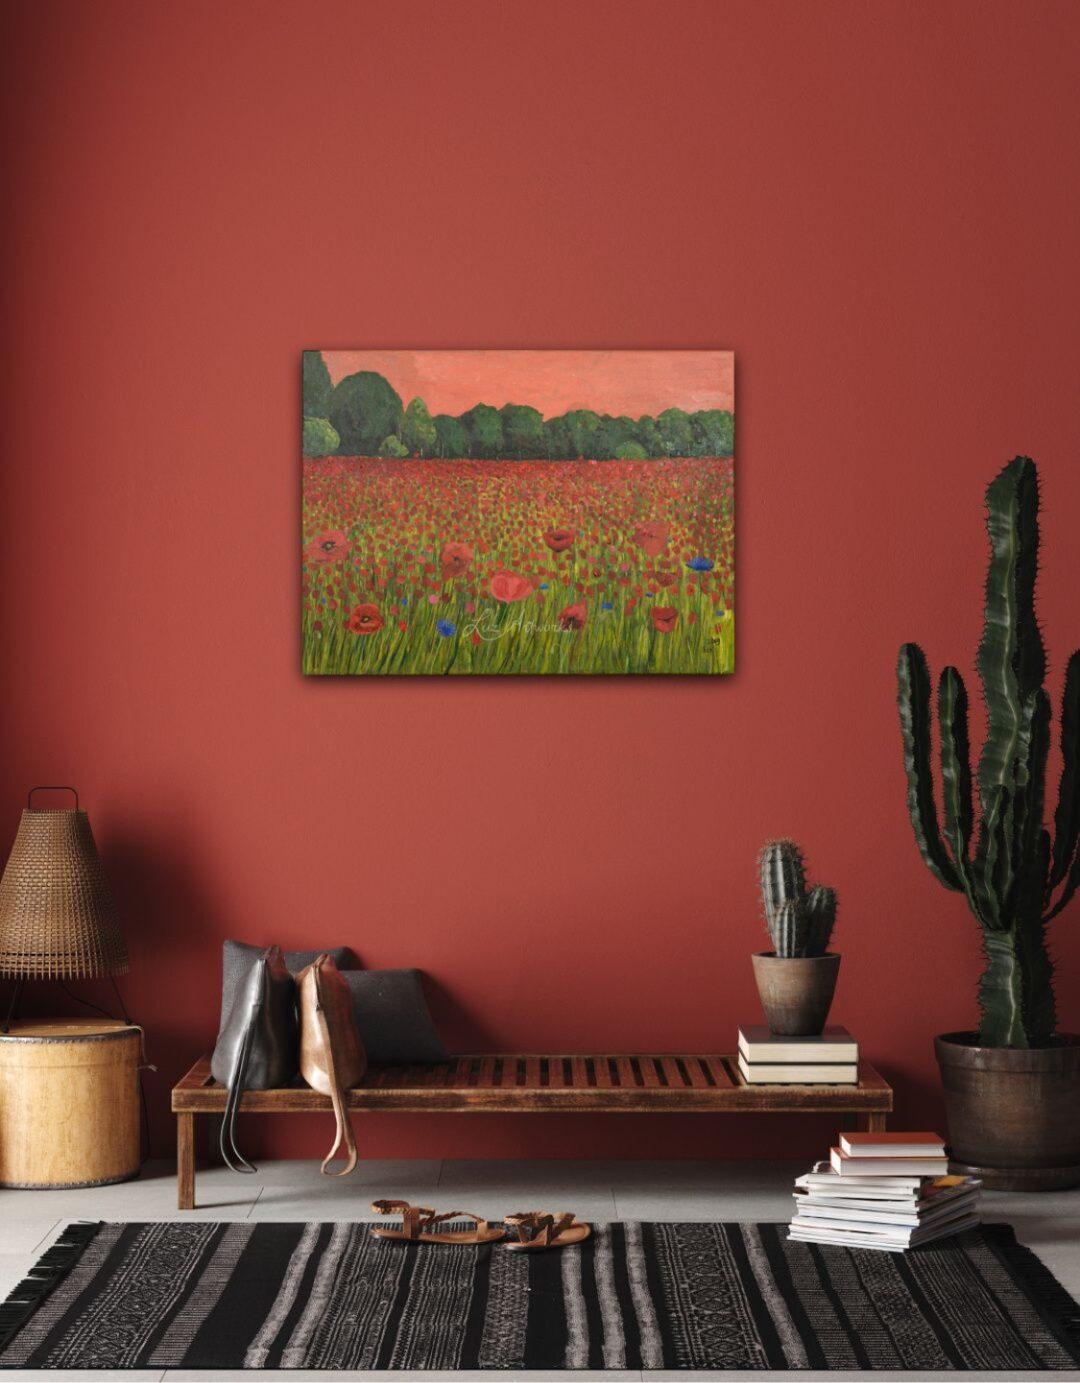 Schilderij Klaprozenveld door Marloes Bloedjes aan de muur